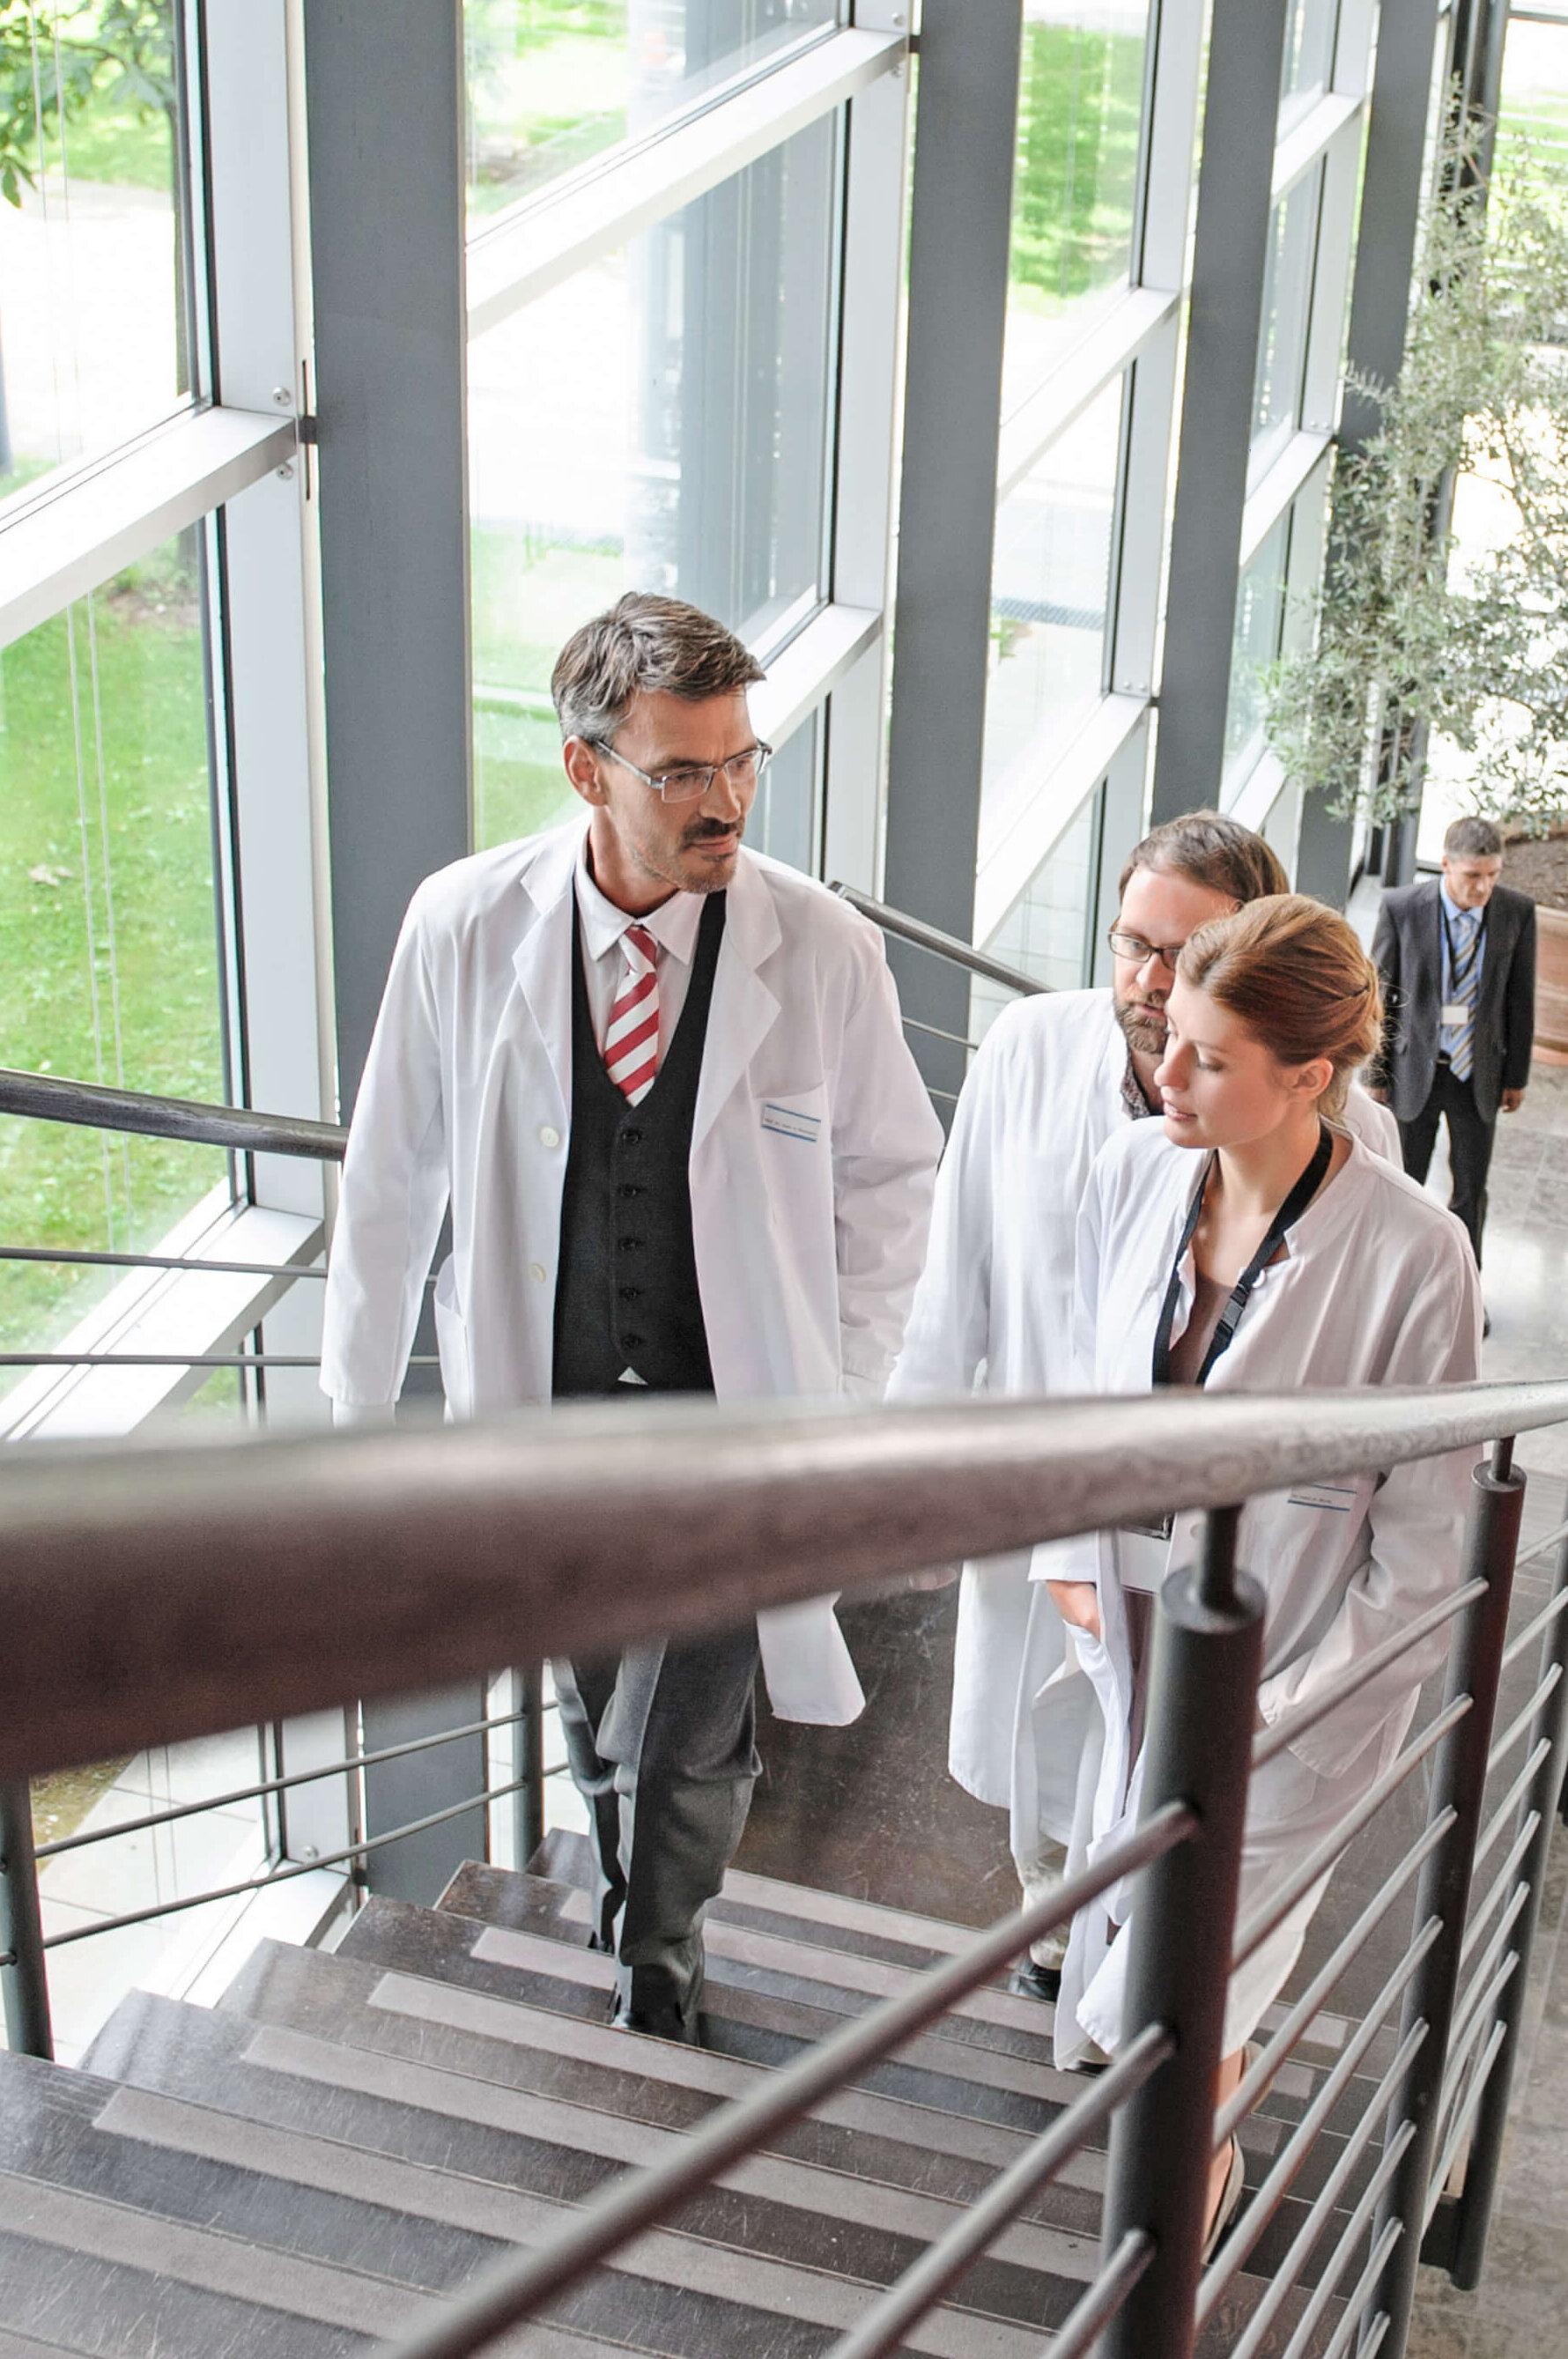 Hervorragend ausgebildetes Personal und erstklassige medizinische Leistungen erwarten Sie in unseren Johanniter-Krankenhäusern.